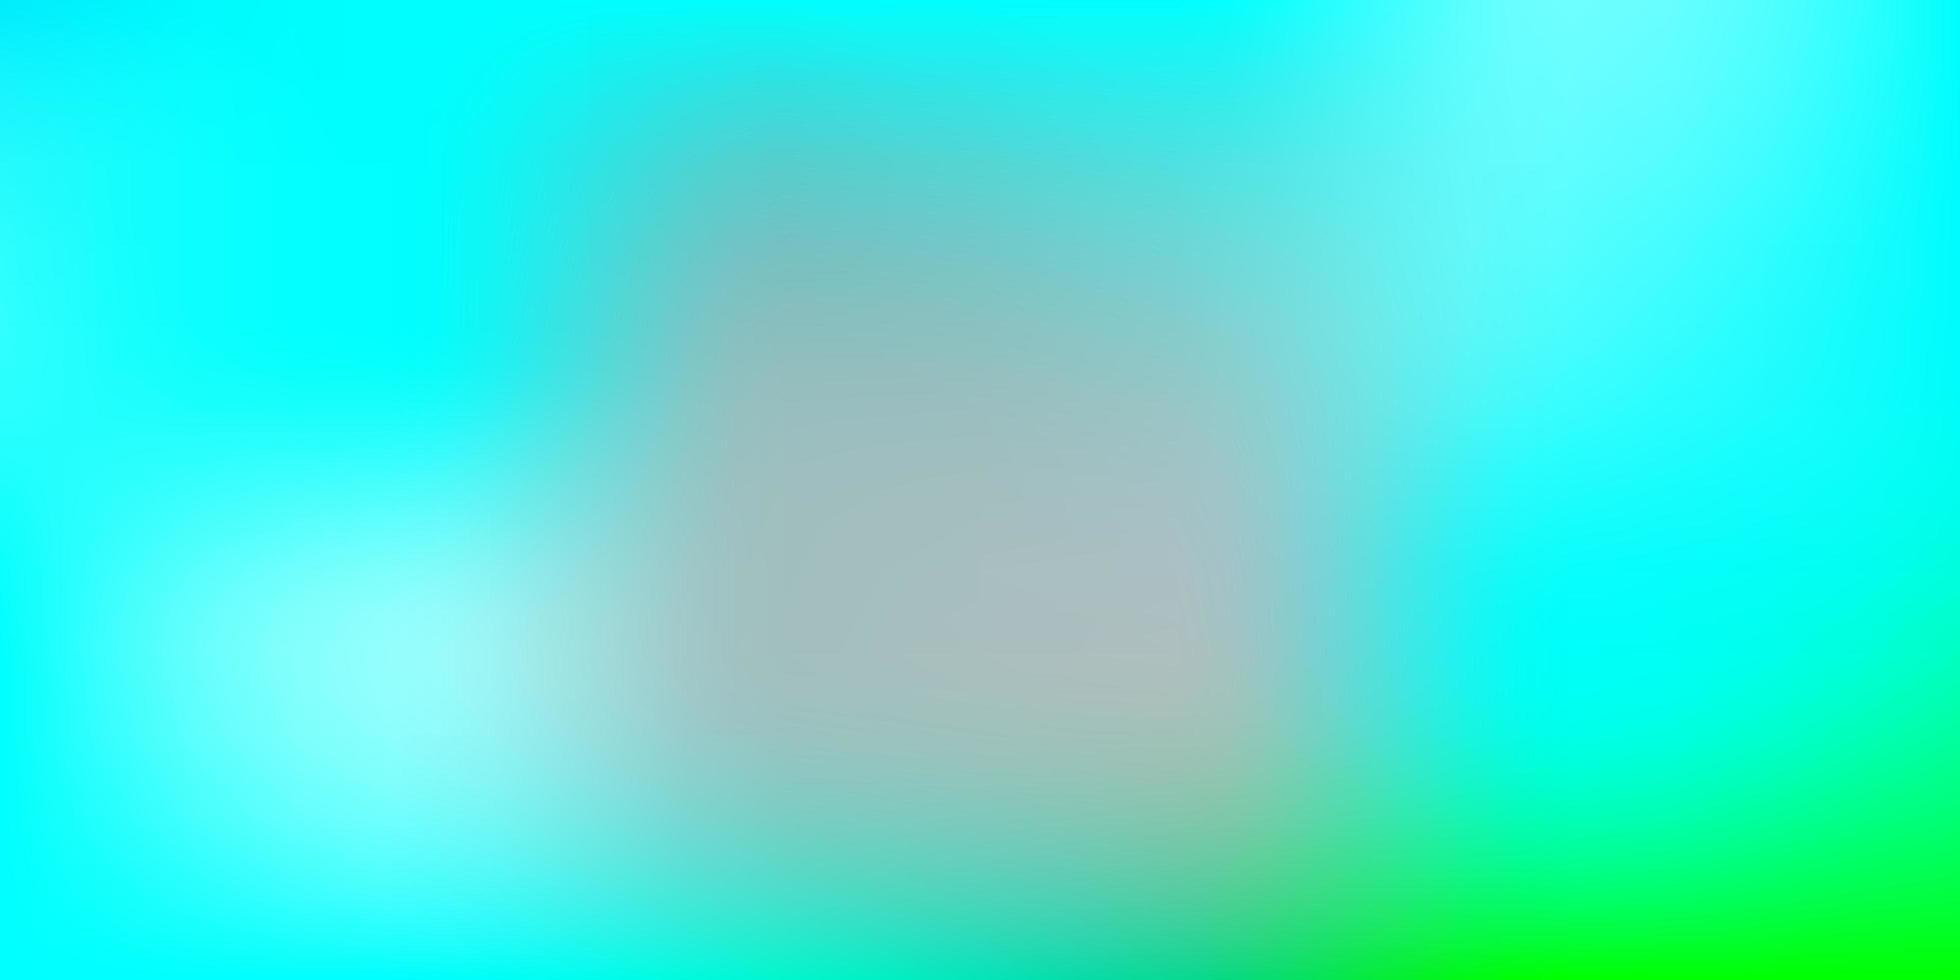 sfondo sfocato azzurro, verde. vettore